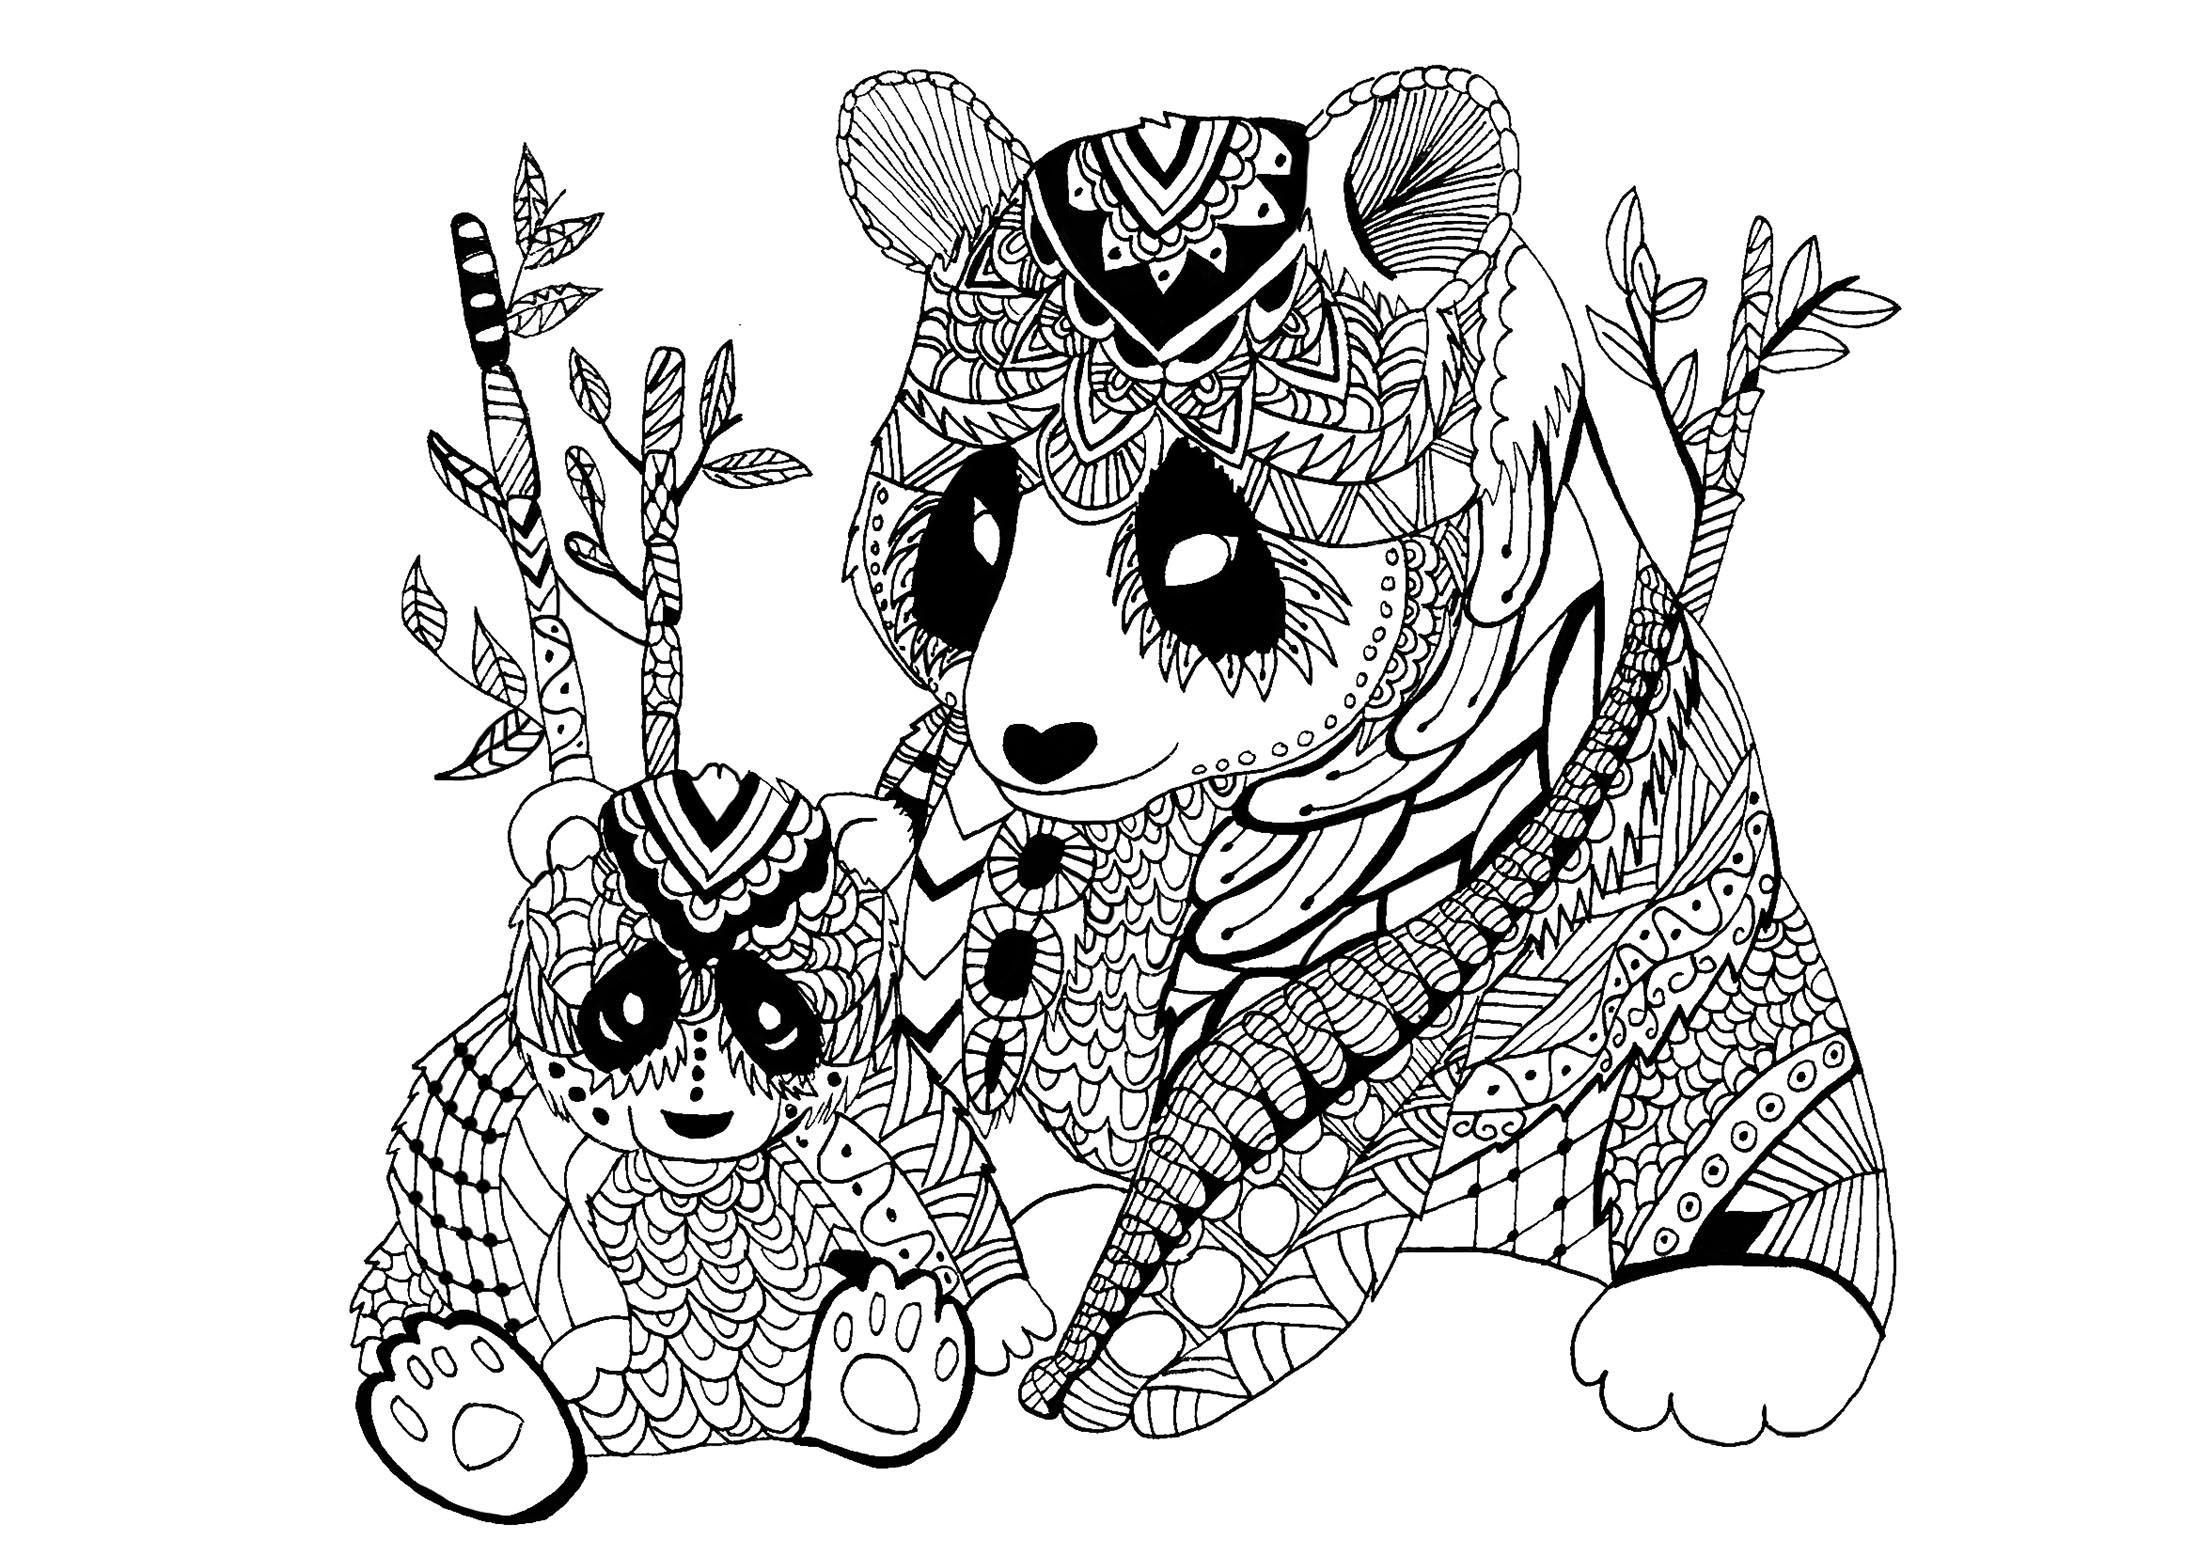 Coloriage A Imprimer Gratuit Panda - Gratuit Coloriage